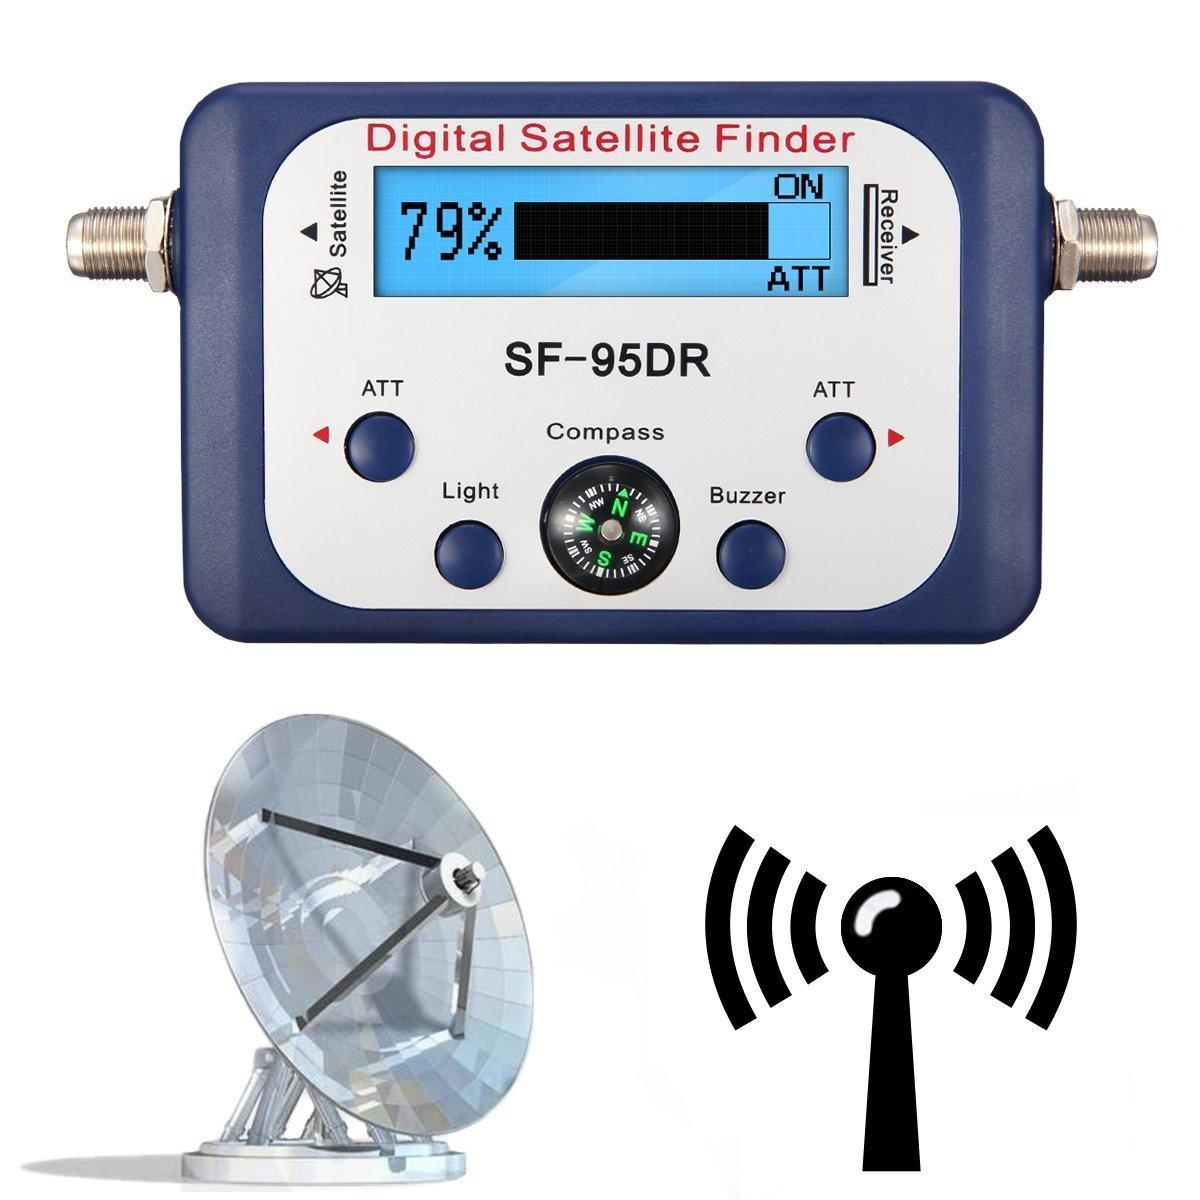 ELEGIANT Buscador Satélites Digital Localizador Conexión F Señal Detector TVHD + Iluminada Brújula SATFINDER: Amazon.es: Electrónica